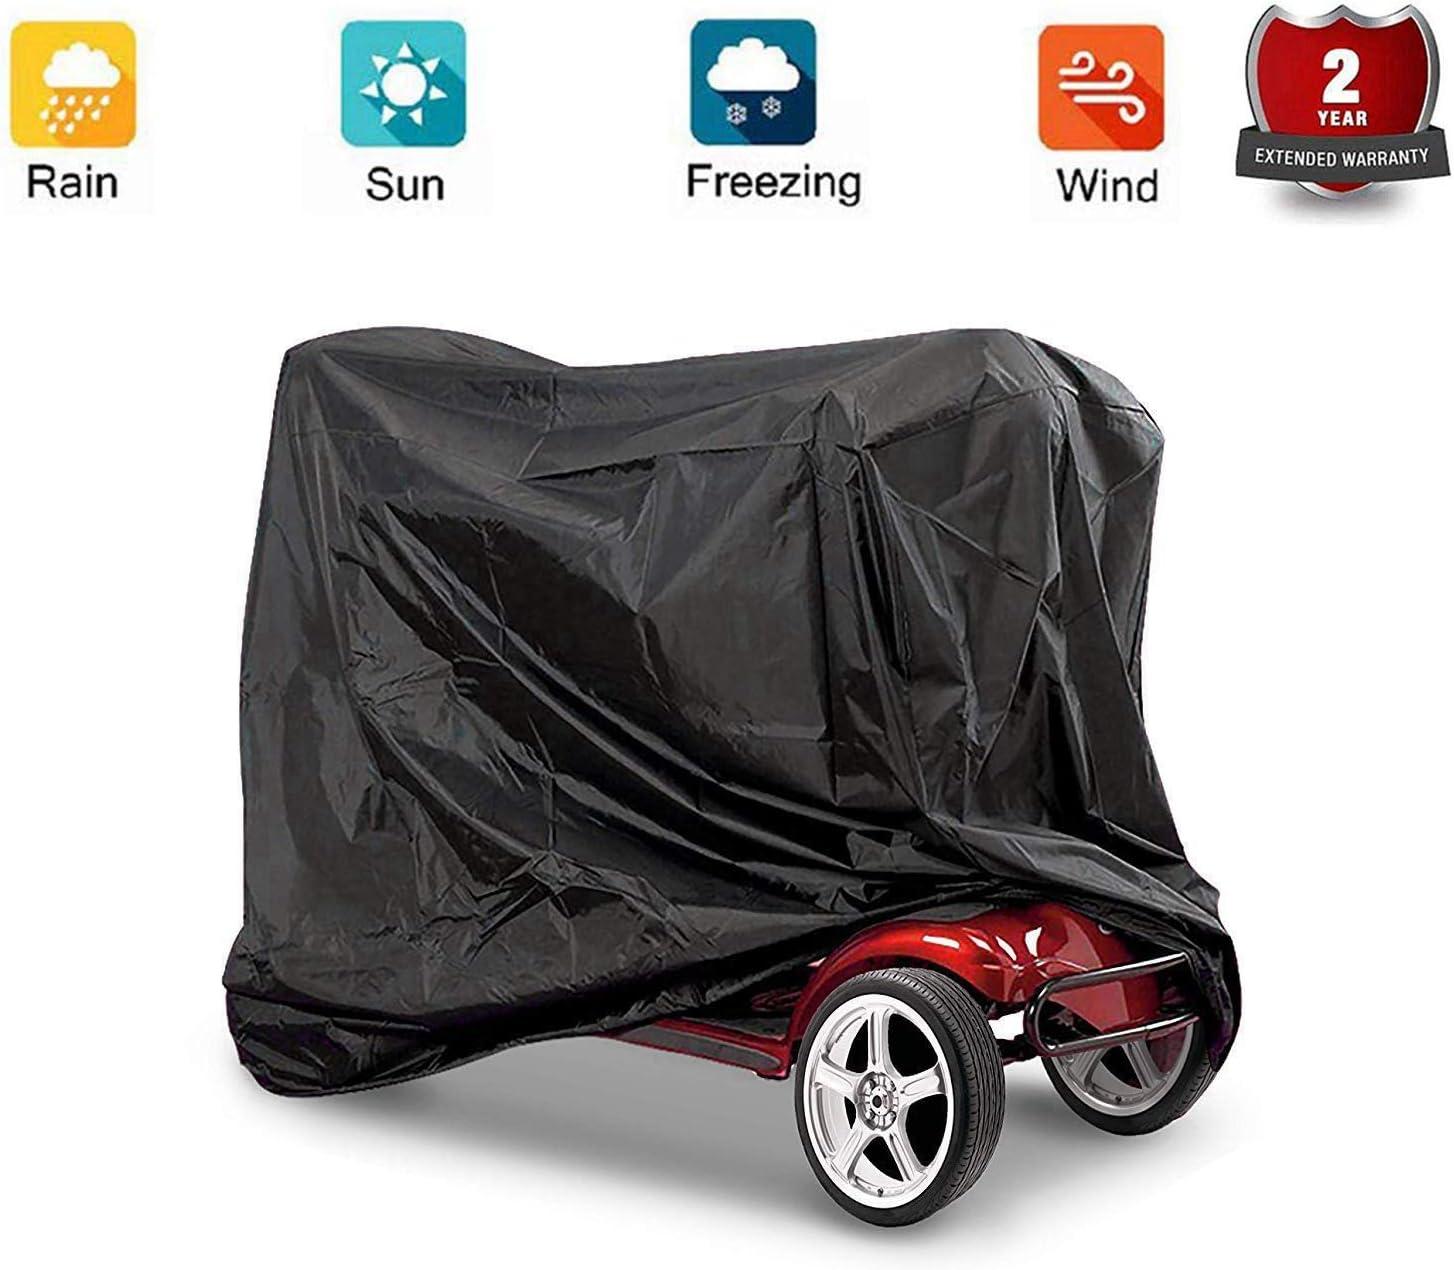 Cubierta de scooter, cubierta de almacenamiento de scooter profesional Eldly Mobility Silla de ruedas Impermeable Protección contra la lluvia para proteger su Scooter